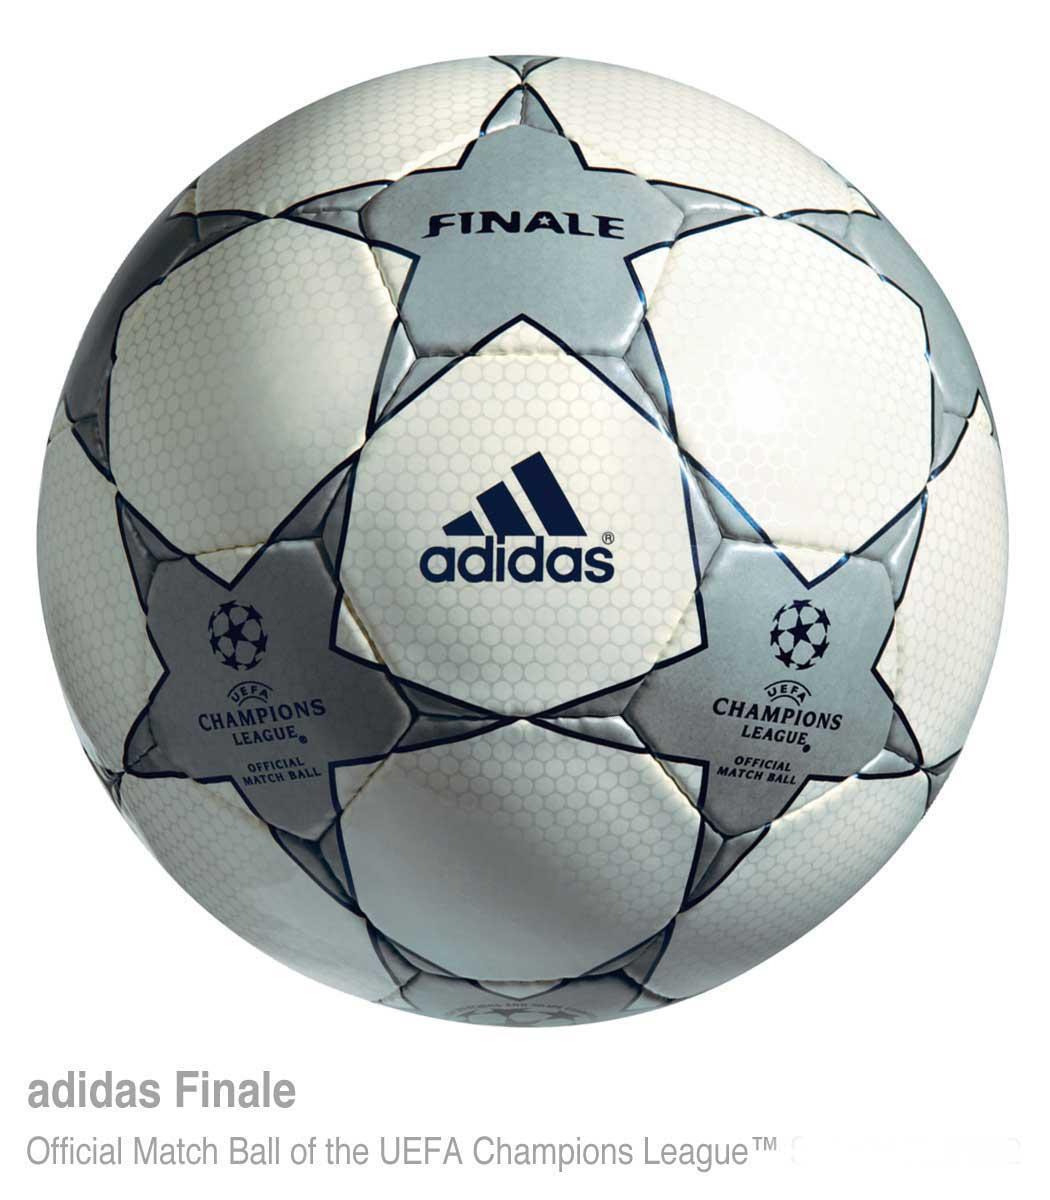 Официальныq мяч Суперкубка УЕФА 2001 года — Adidas Finale 1